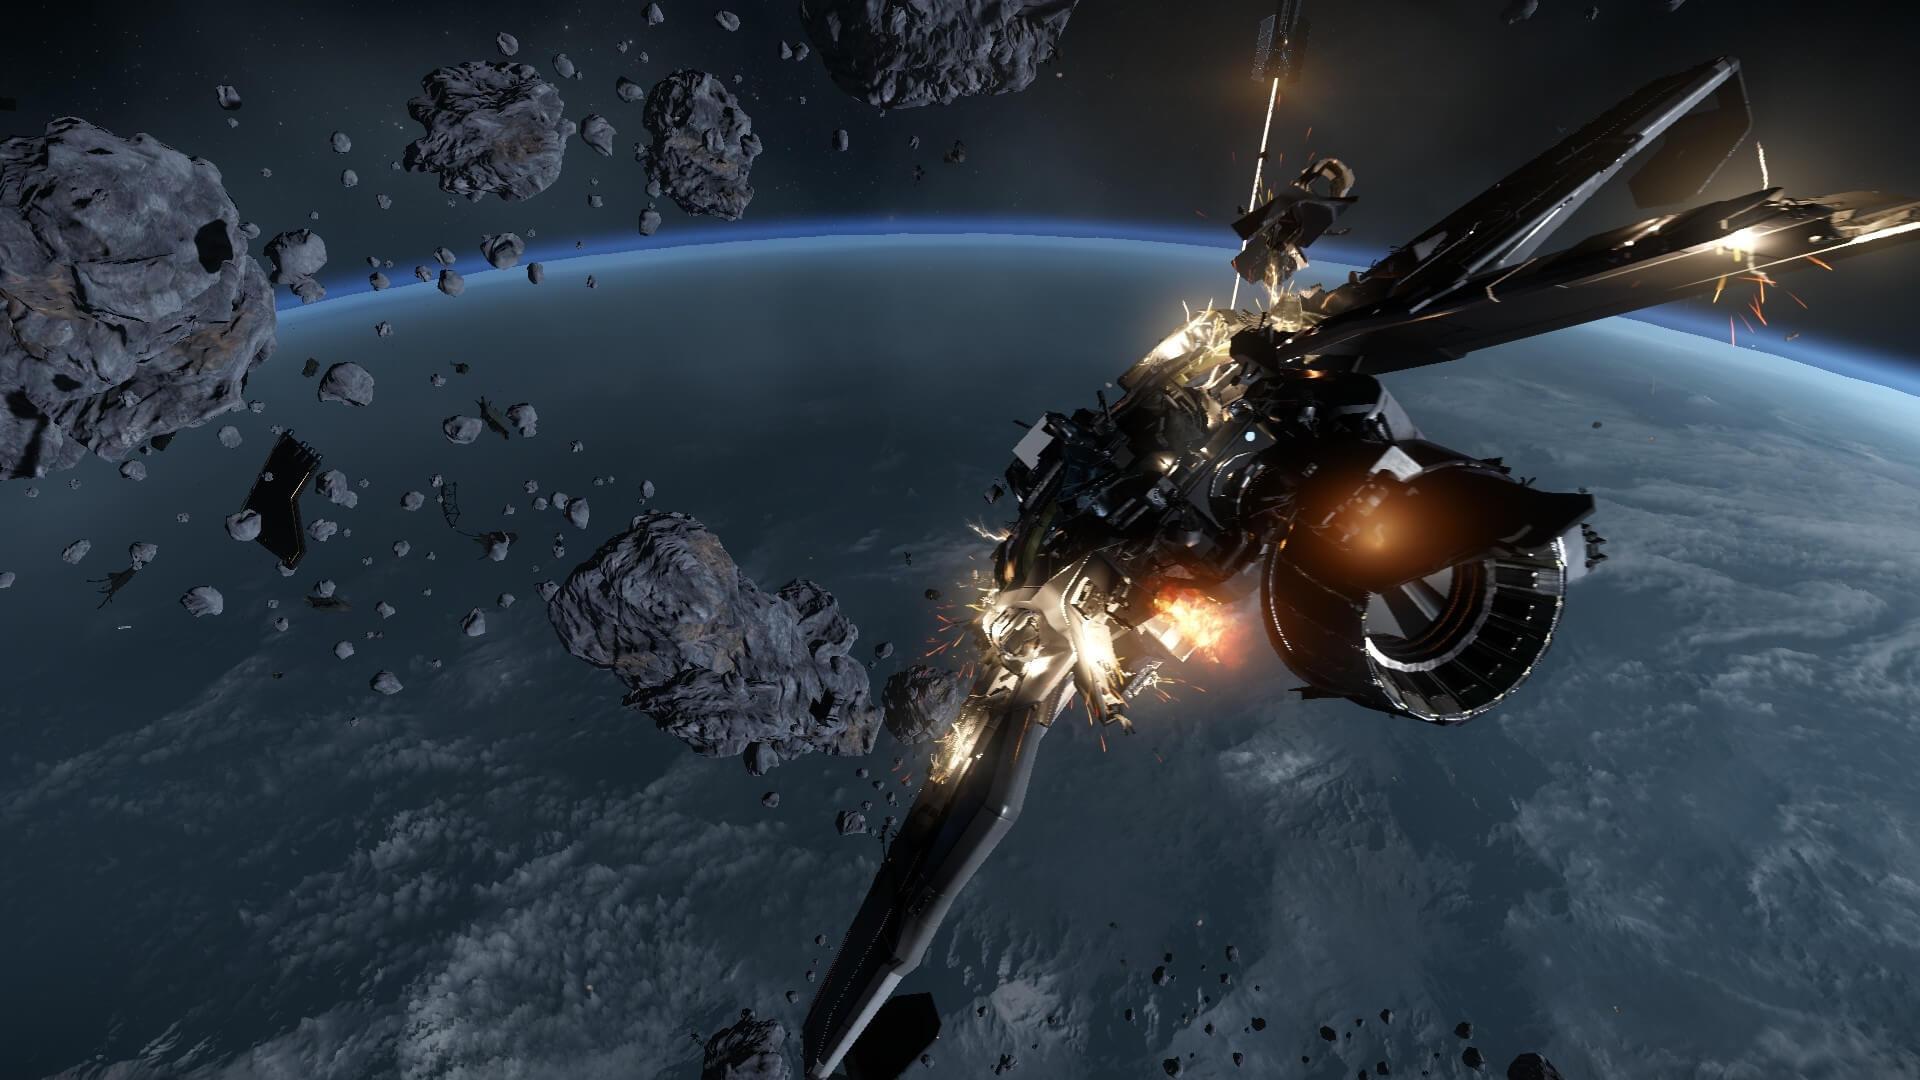 Une chaîne Youtube que je recommande aux fans de Star Citizen et d'exploration spatiale